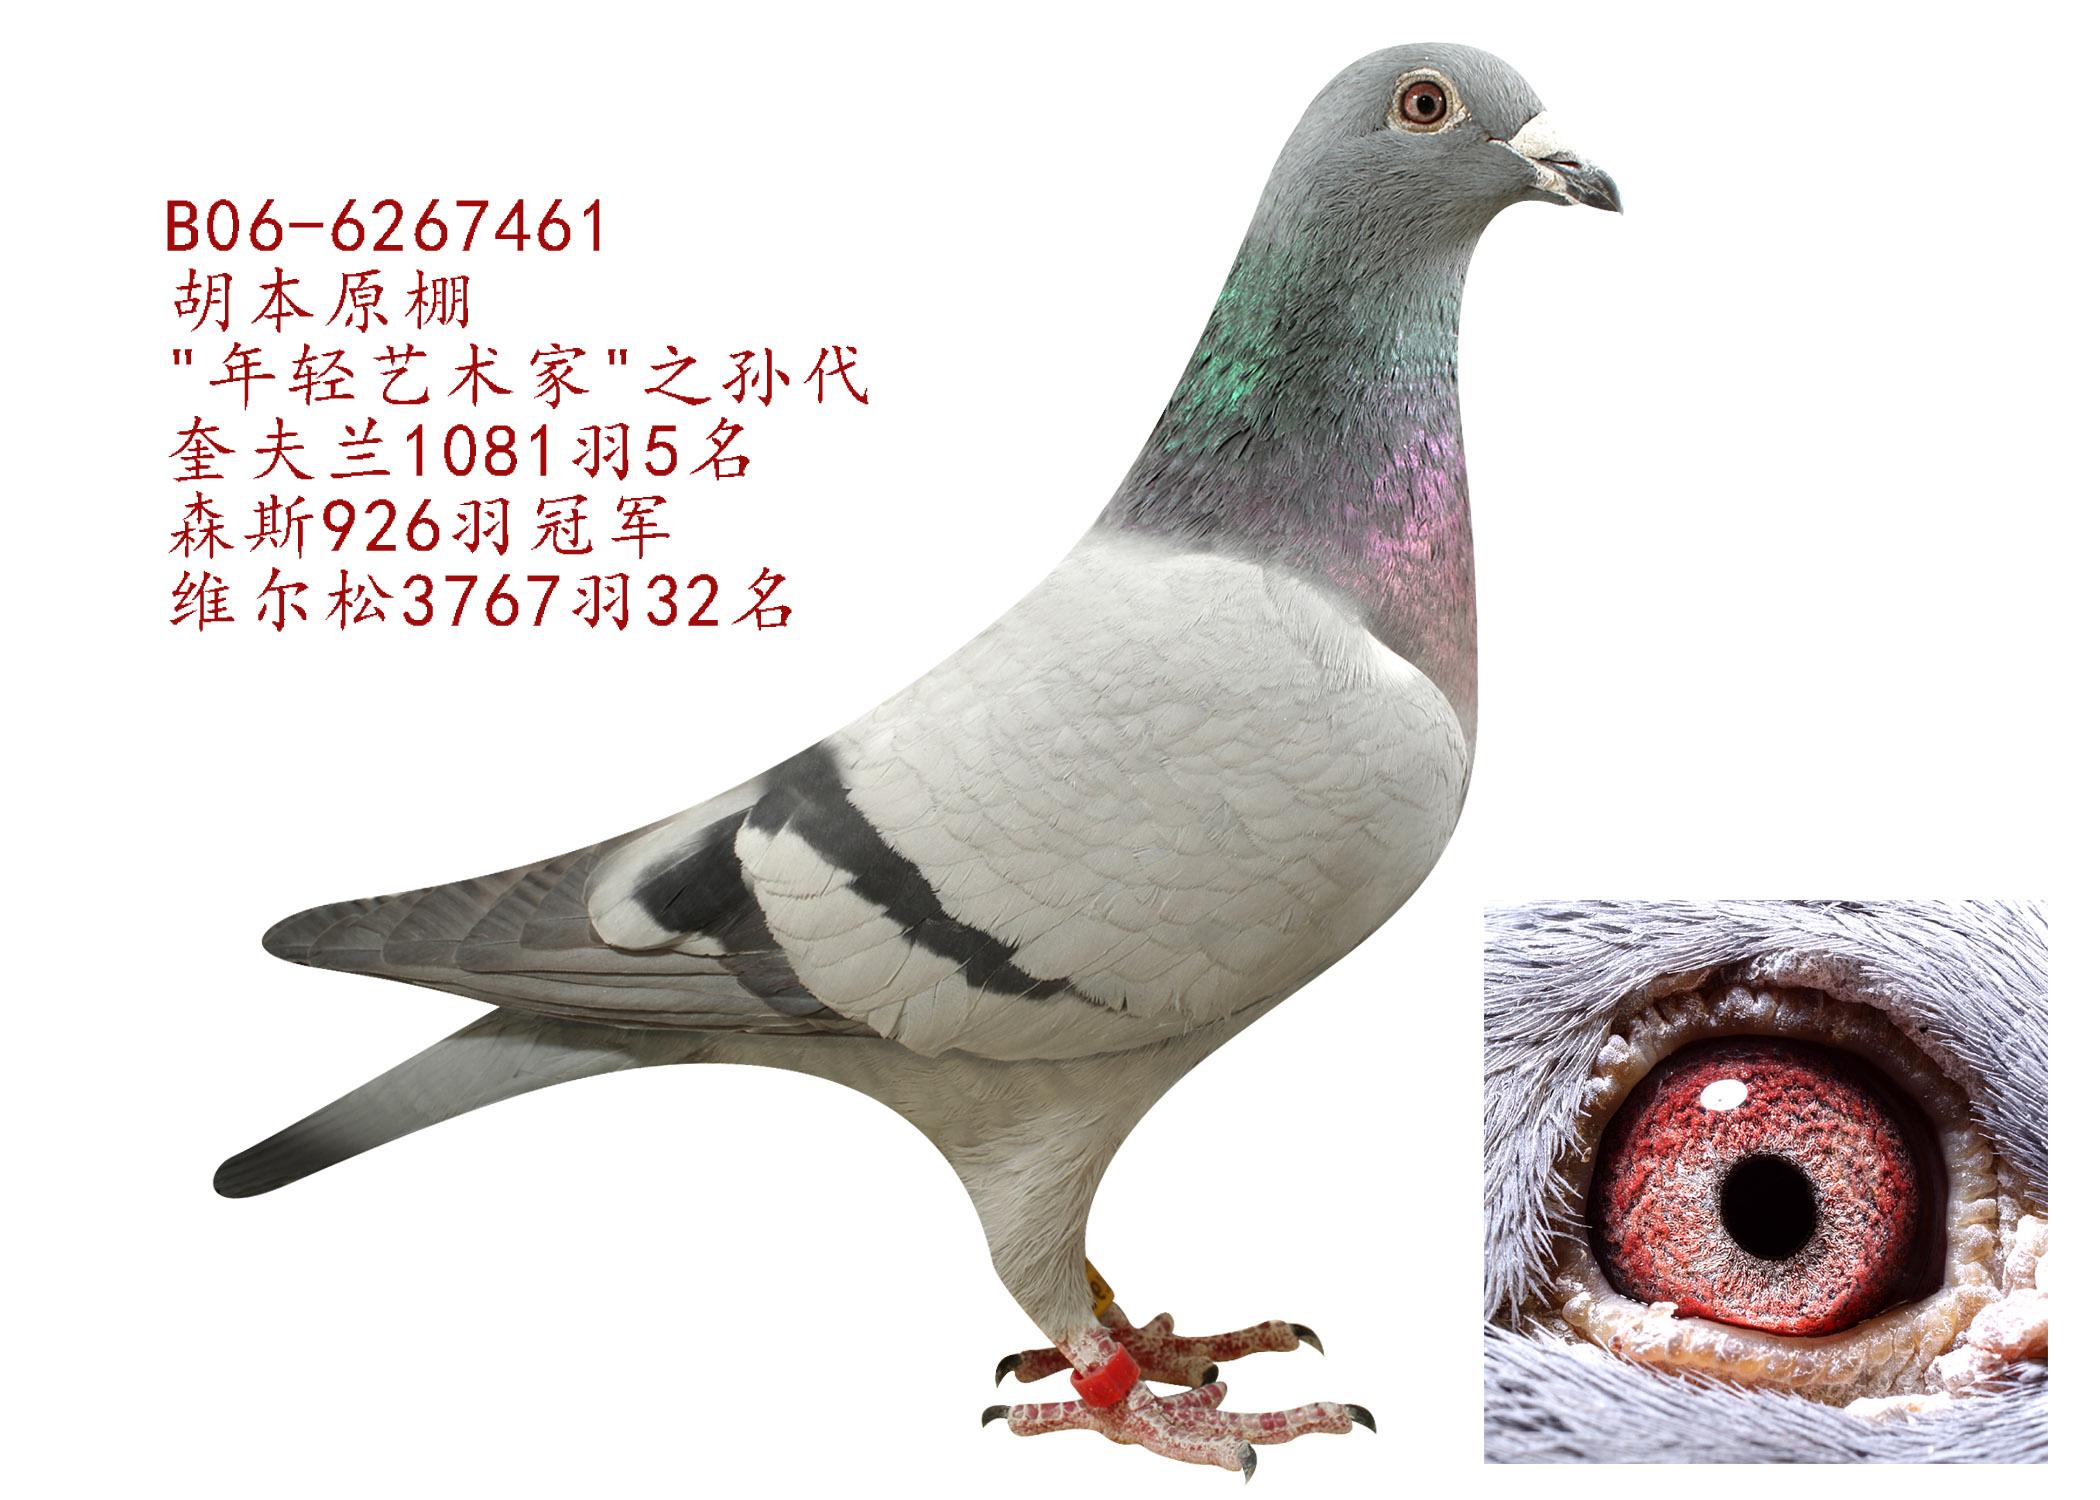 胡本461 北京极致鸽舍